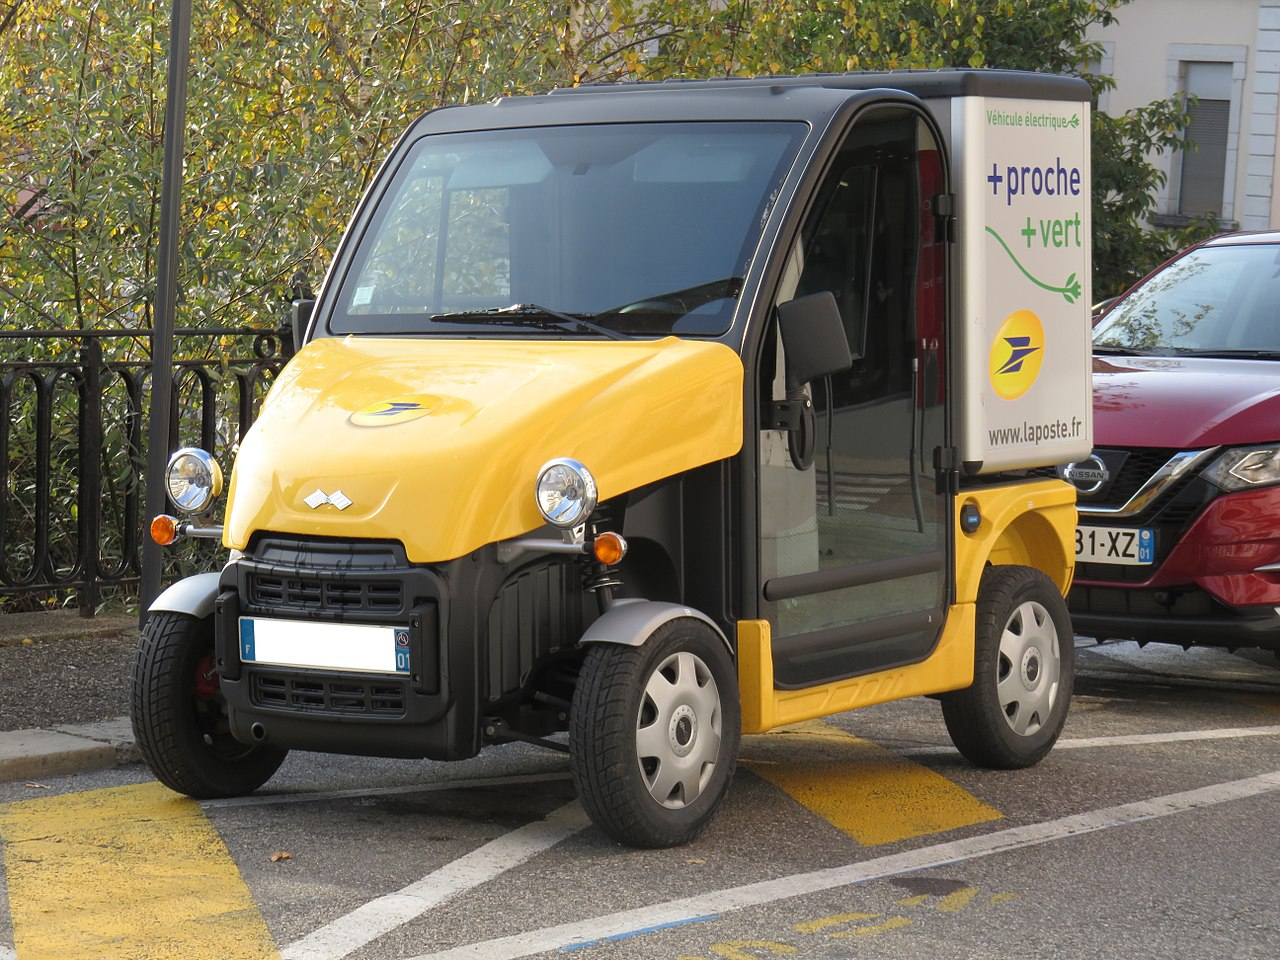 Laposte , véhicules électriques